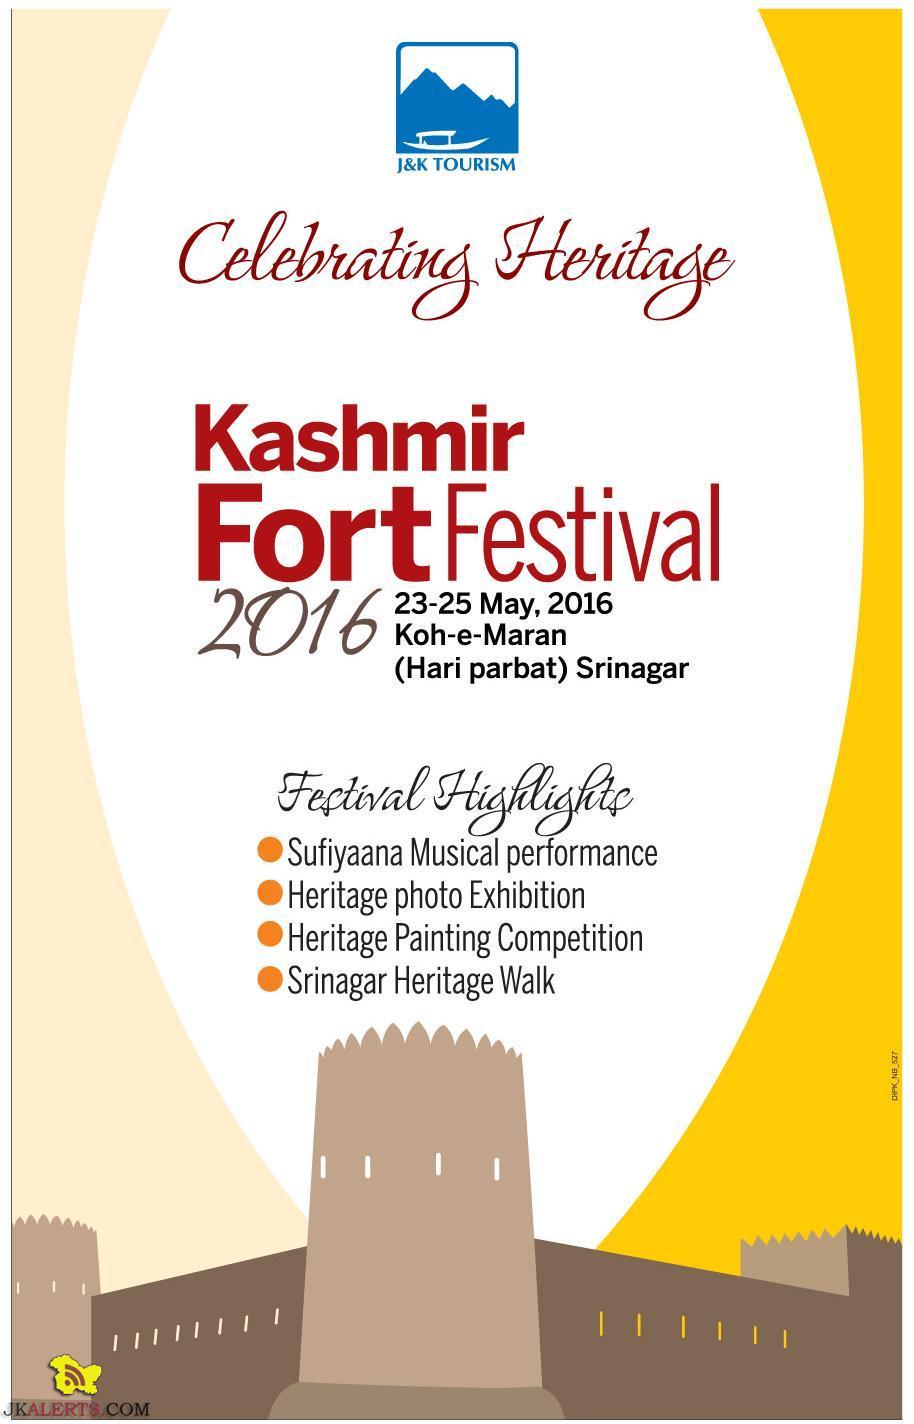 Kashmir Fort Festival 2016